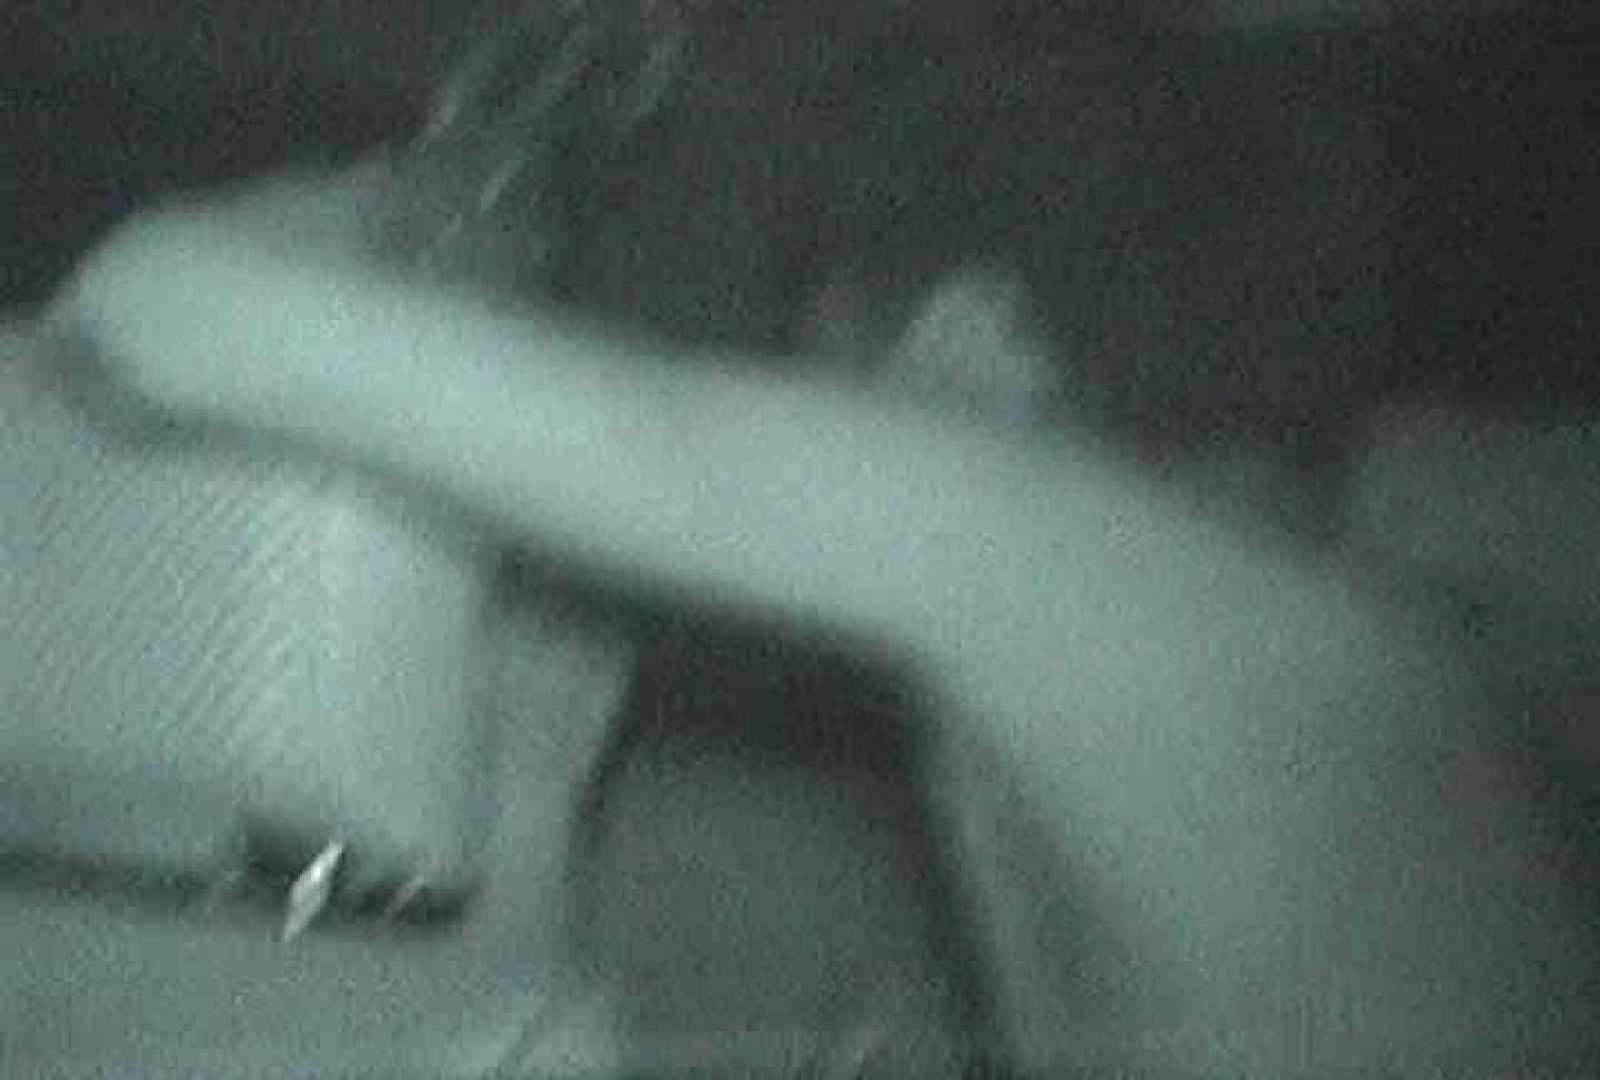 充血監督の深夜の運動会Vol.74 熟女丸裸 | 現役ギャル  96pic 61